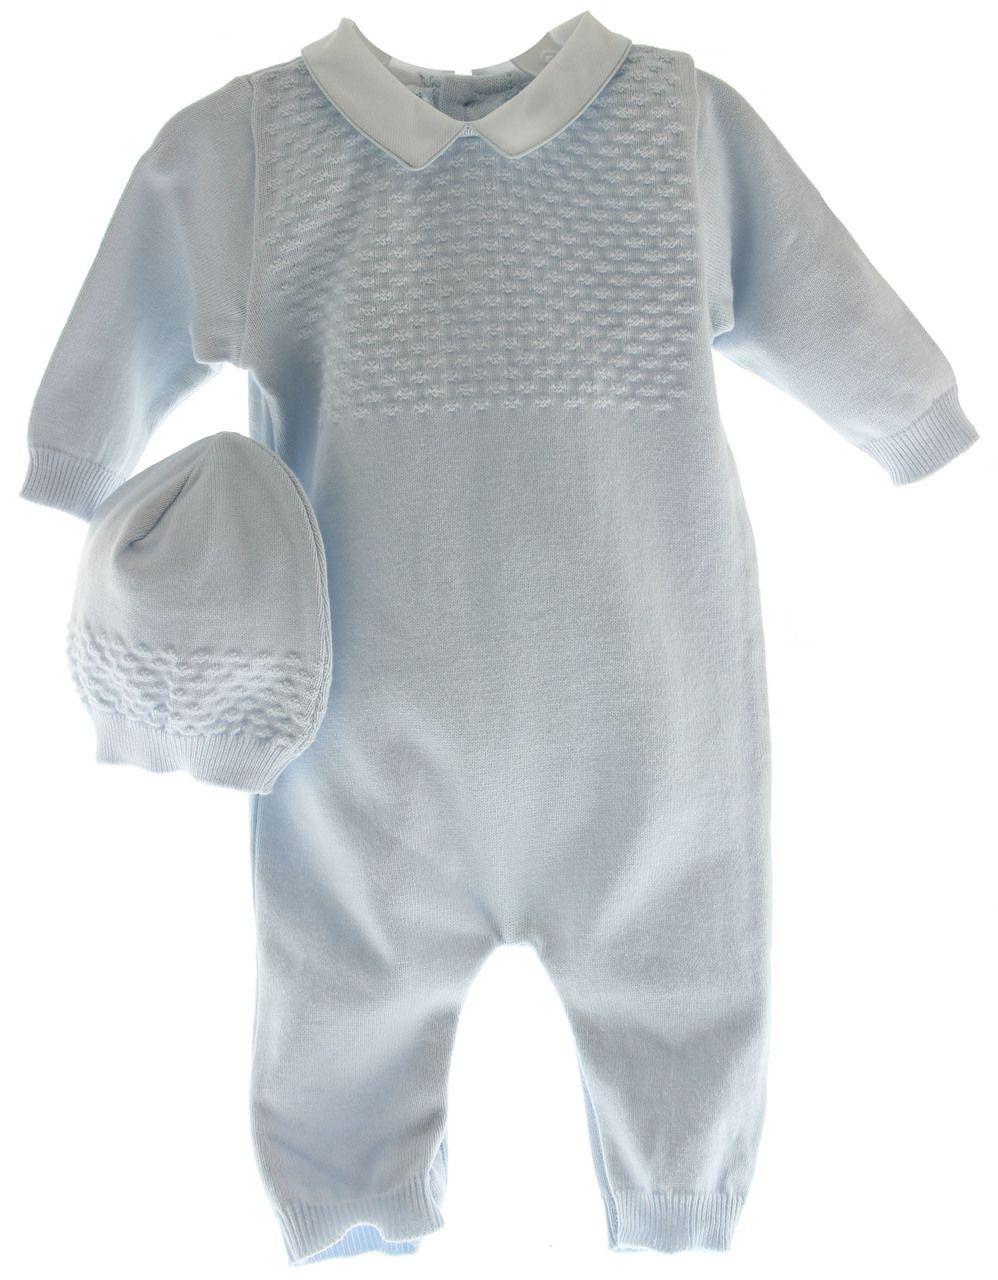 83cd8e83d Infant Boys Blue Knit Long Romper with Hat Layette Set